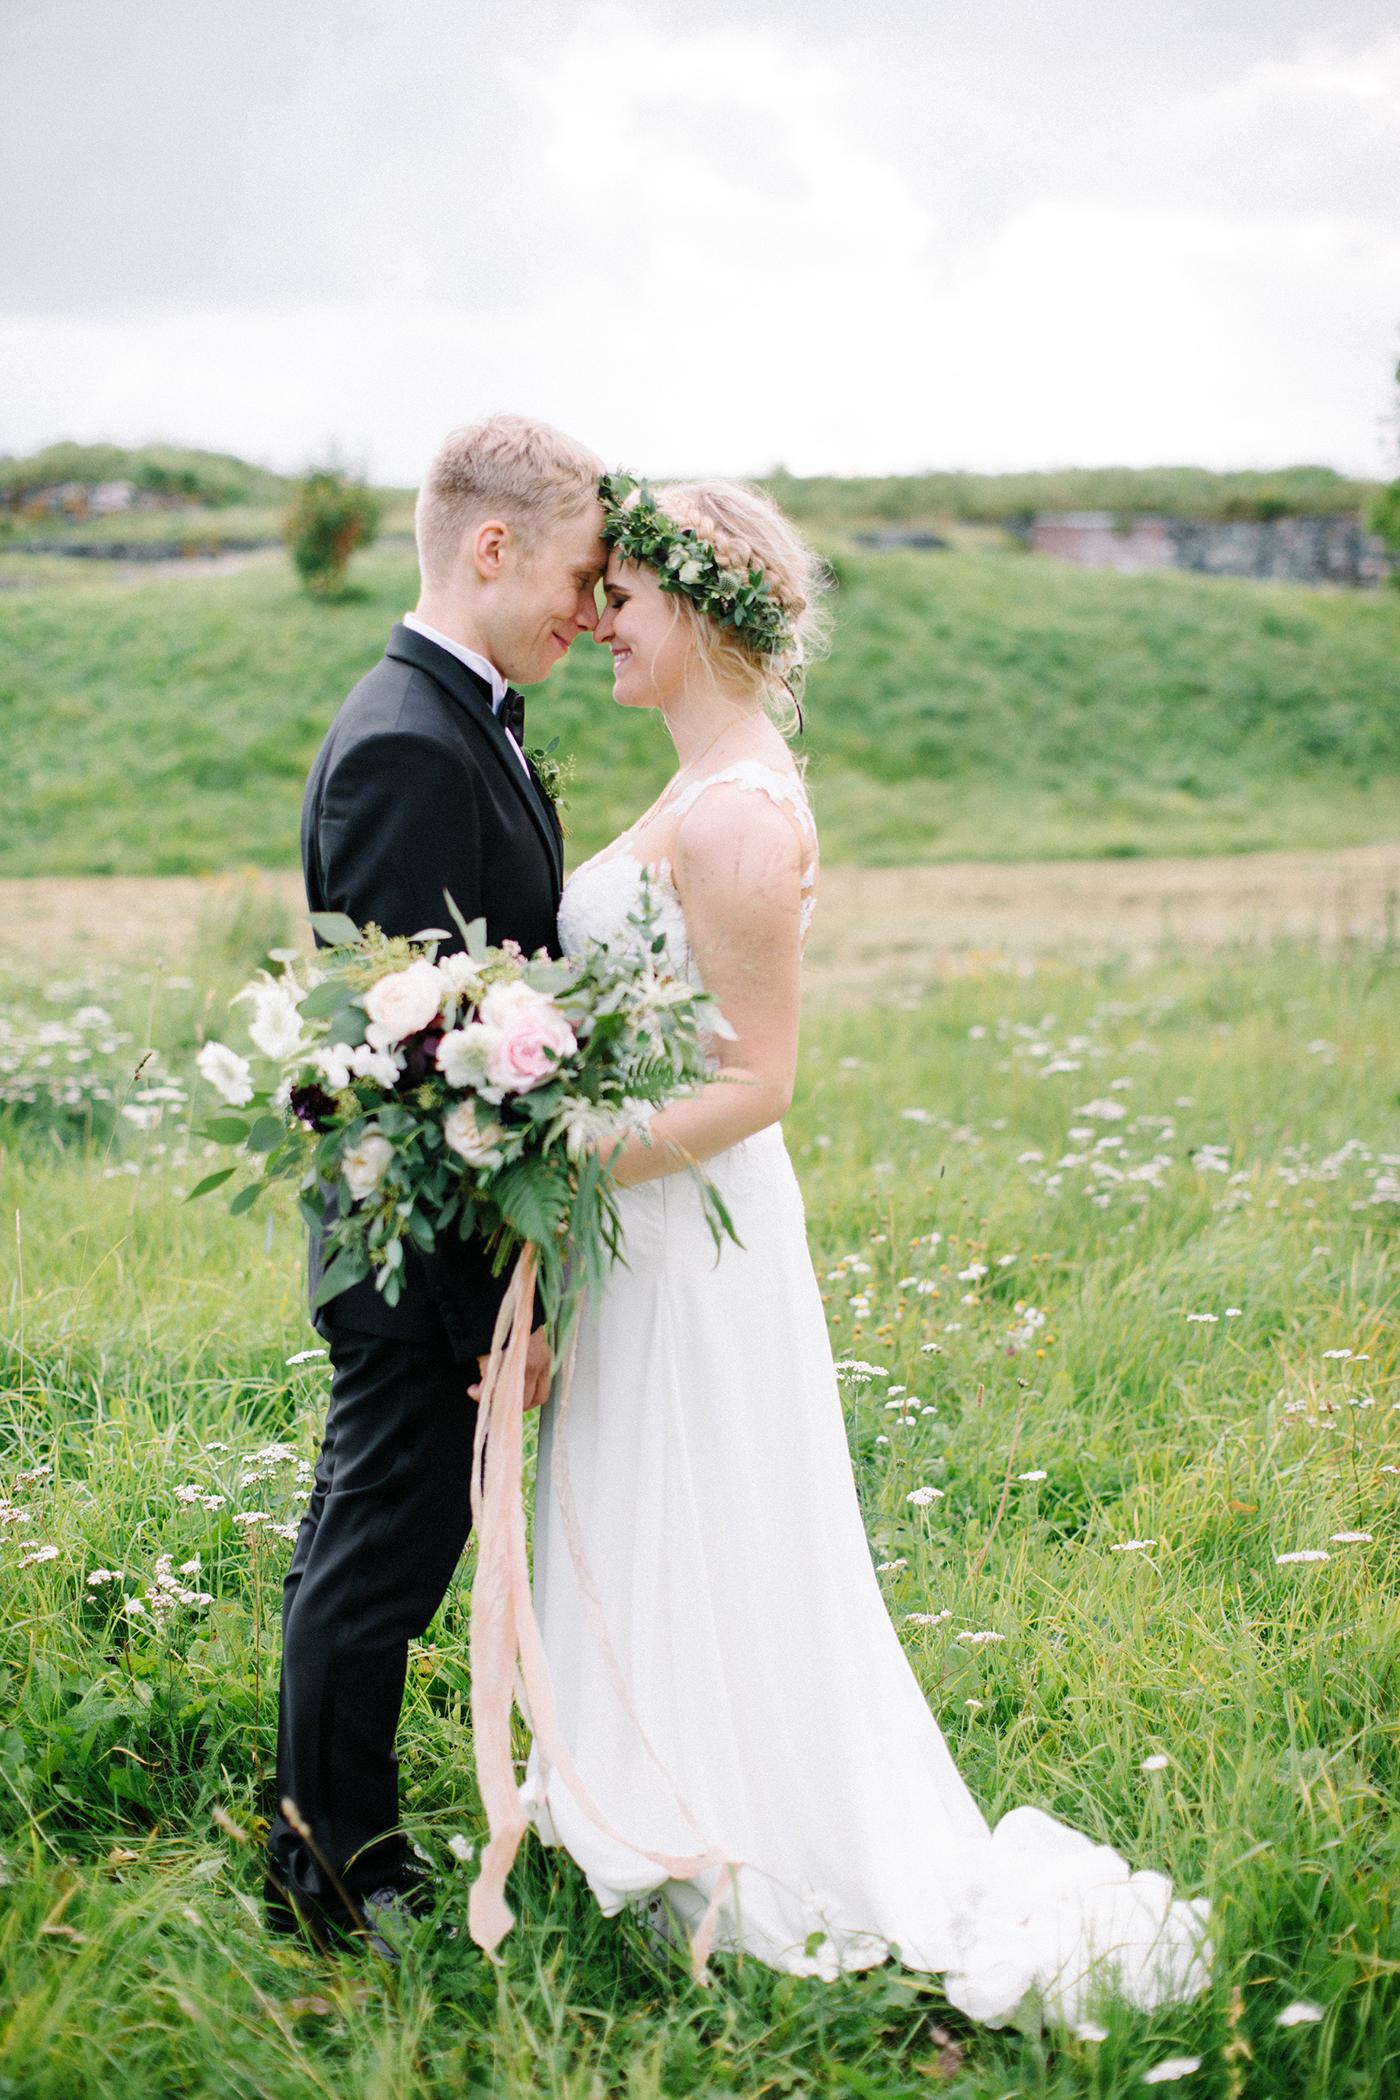 Indie Glam Wedding Tenalji von Fersen Suomenlinna (61).jpg